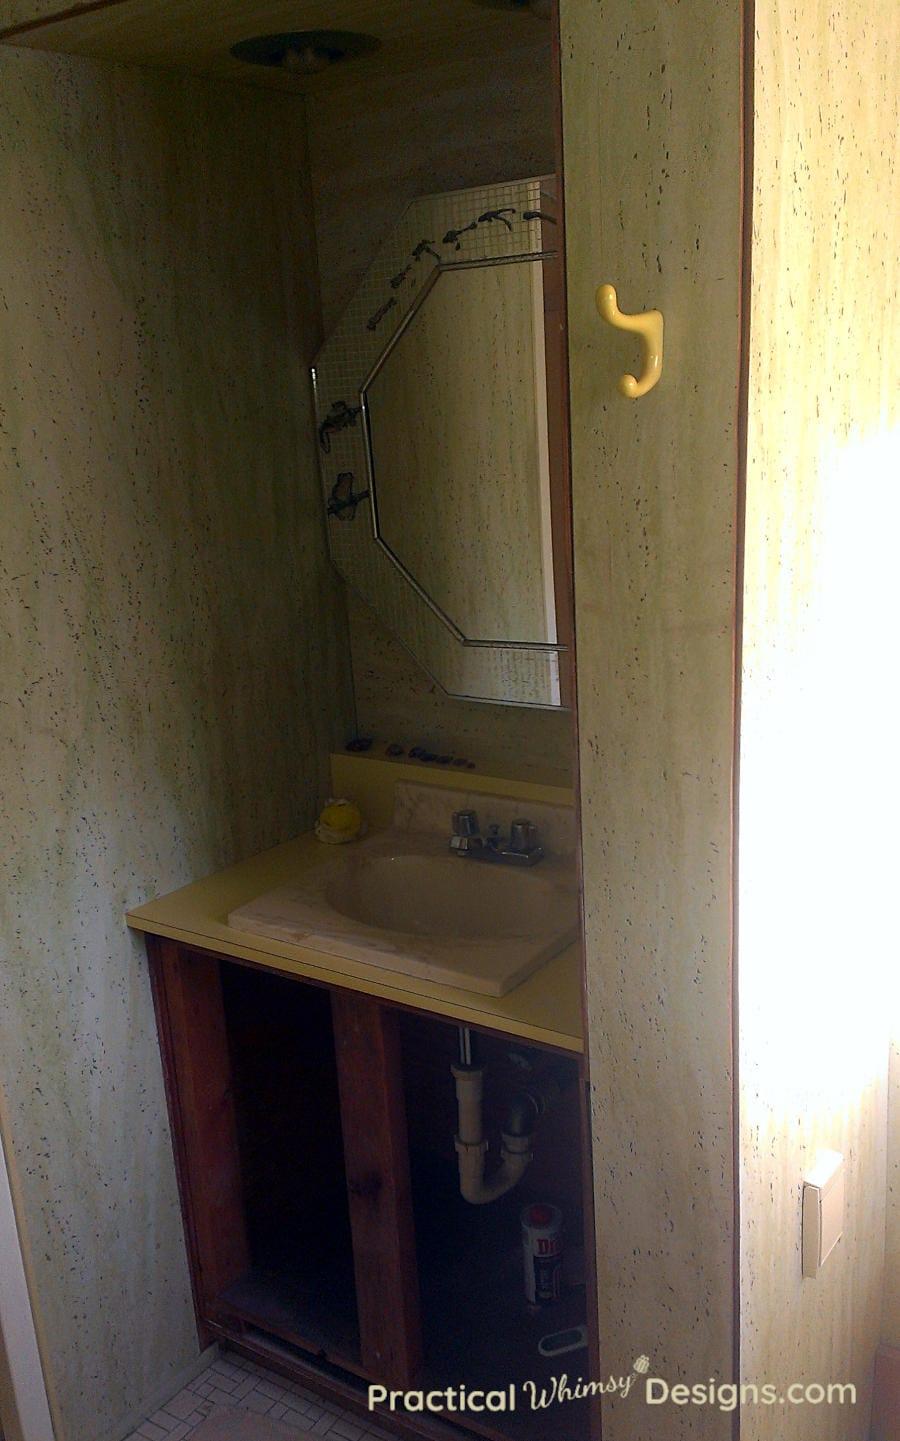 Master bathroom sink before remodel